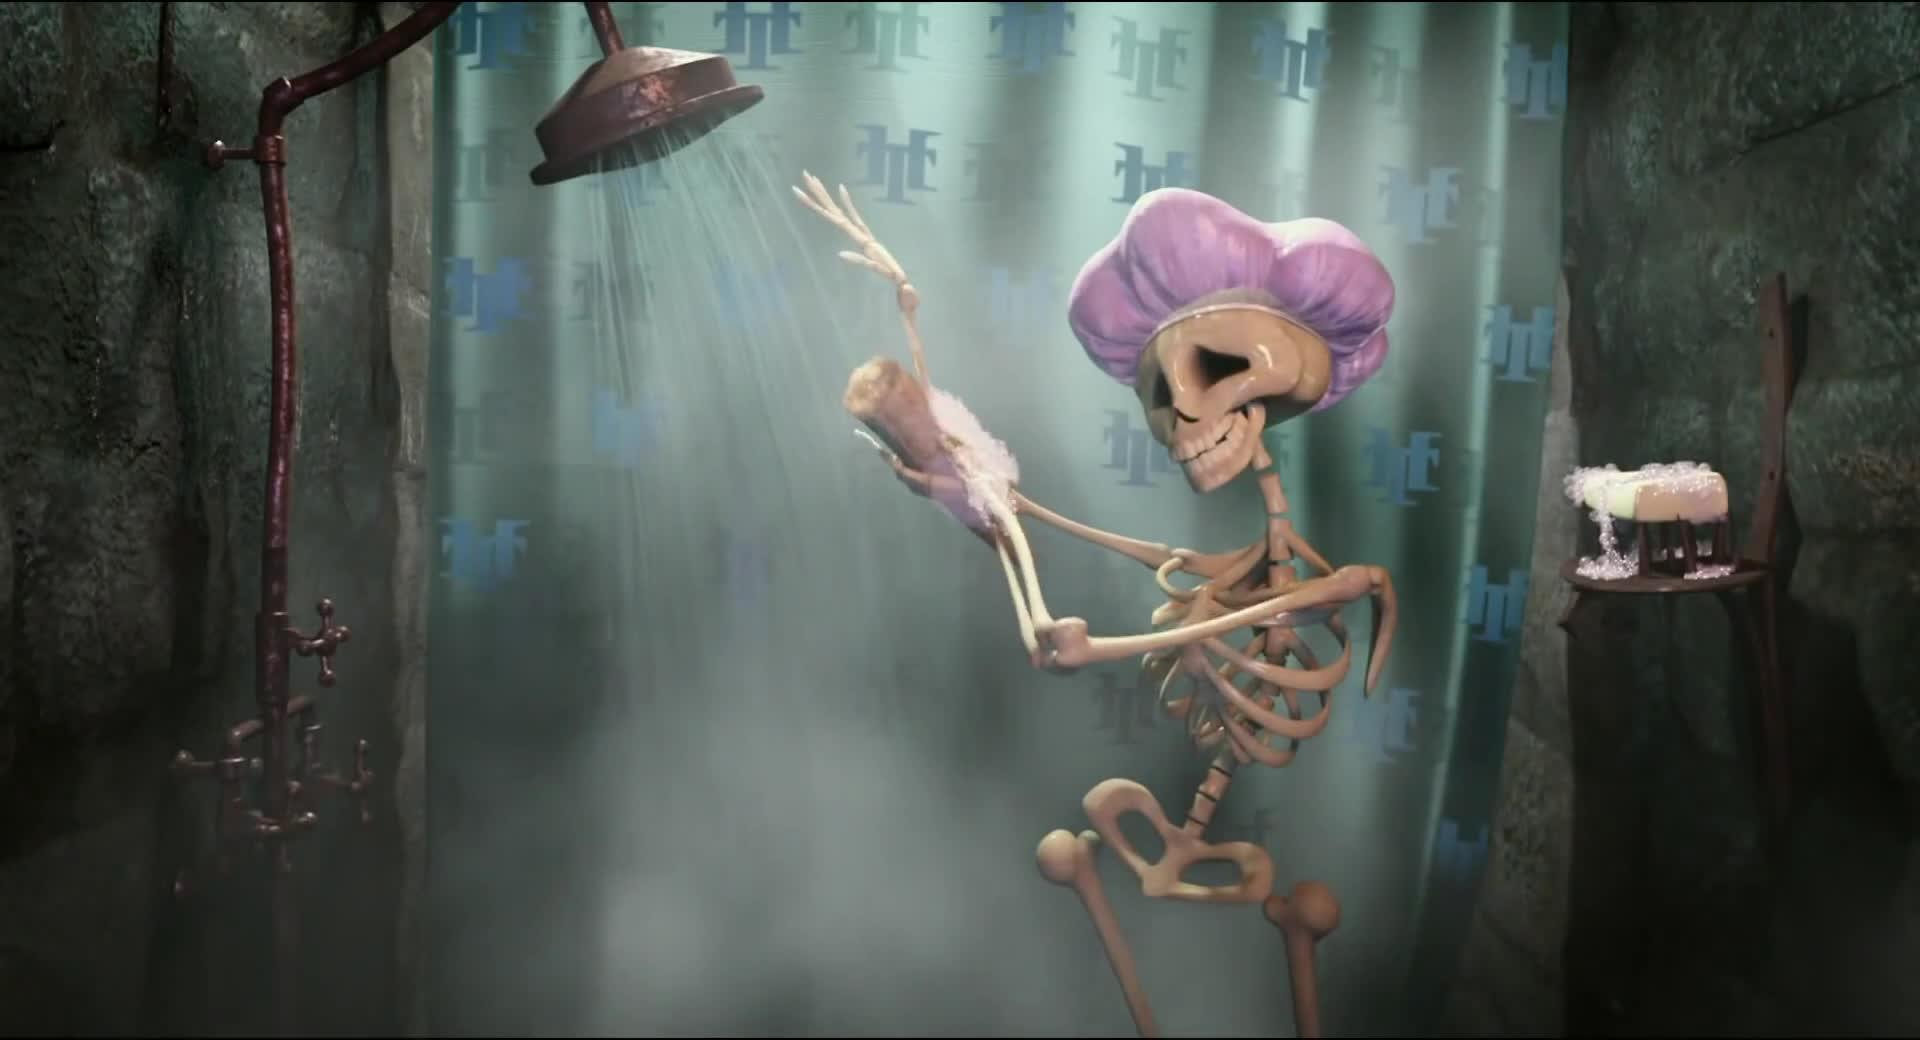 Skeleton shower